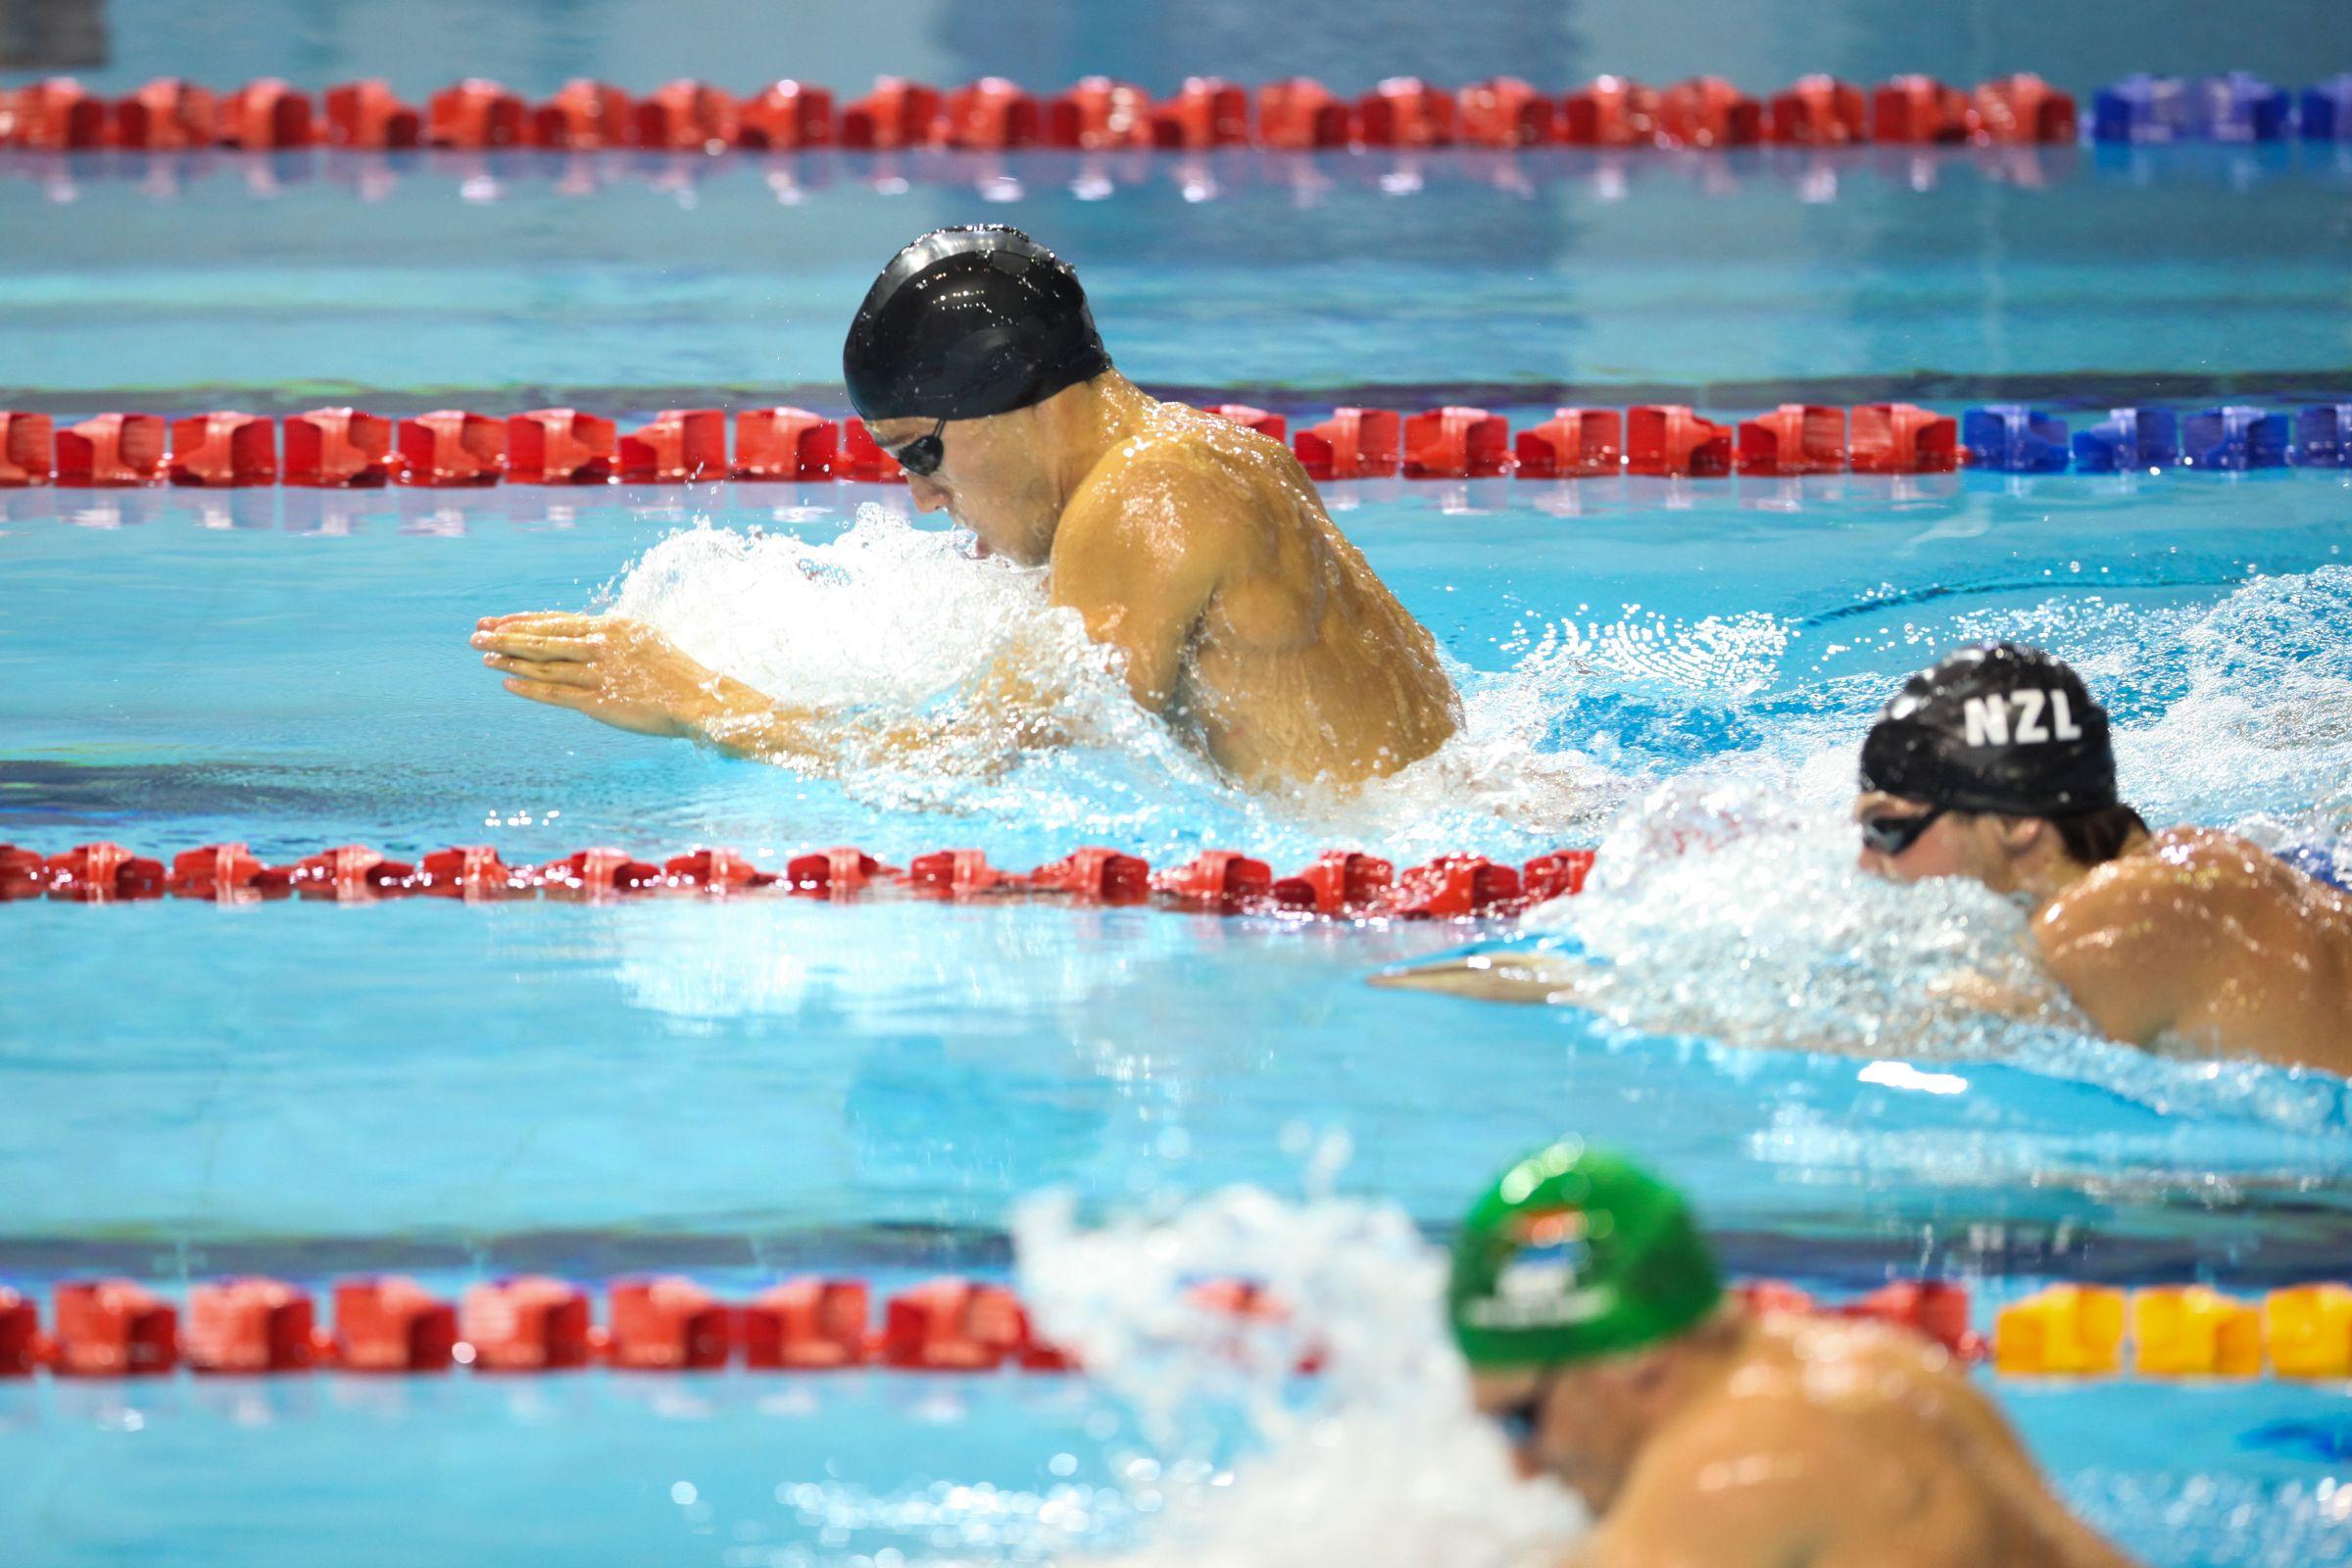 bolzano italy swim meet live results